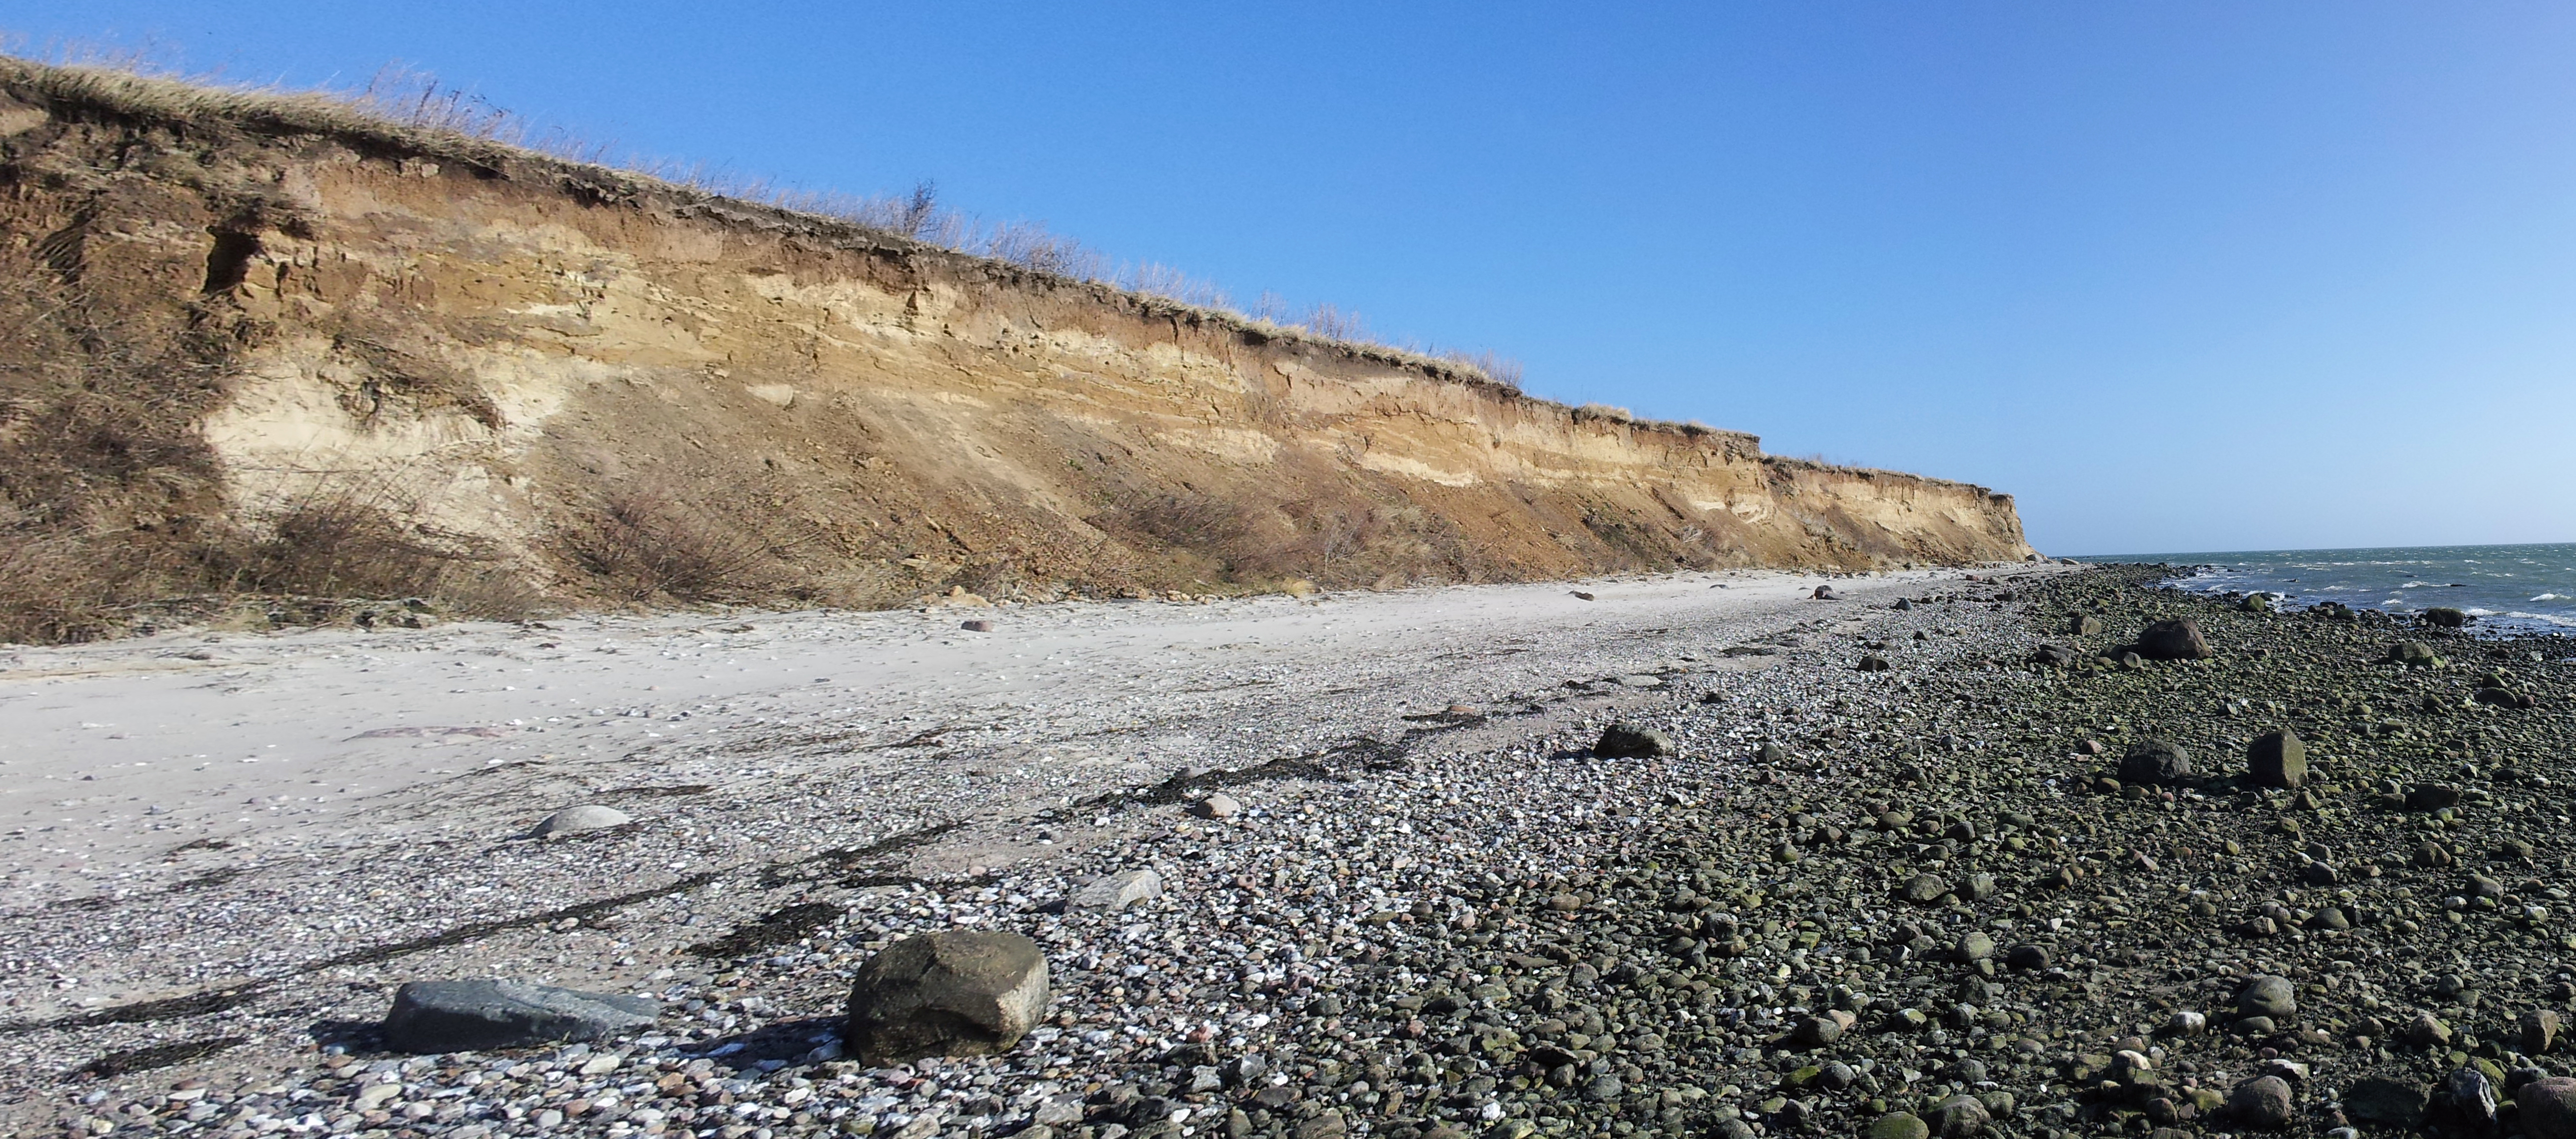 Steilküste Wulfener Hals